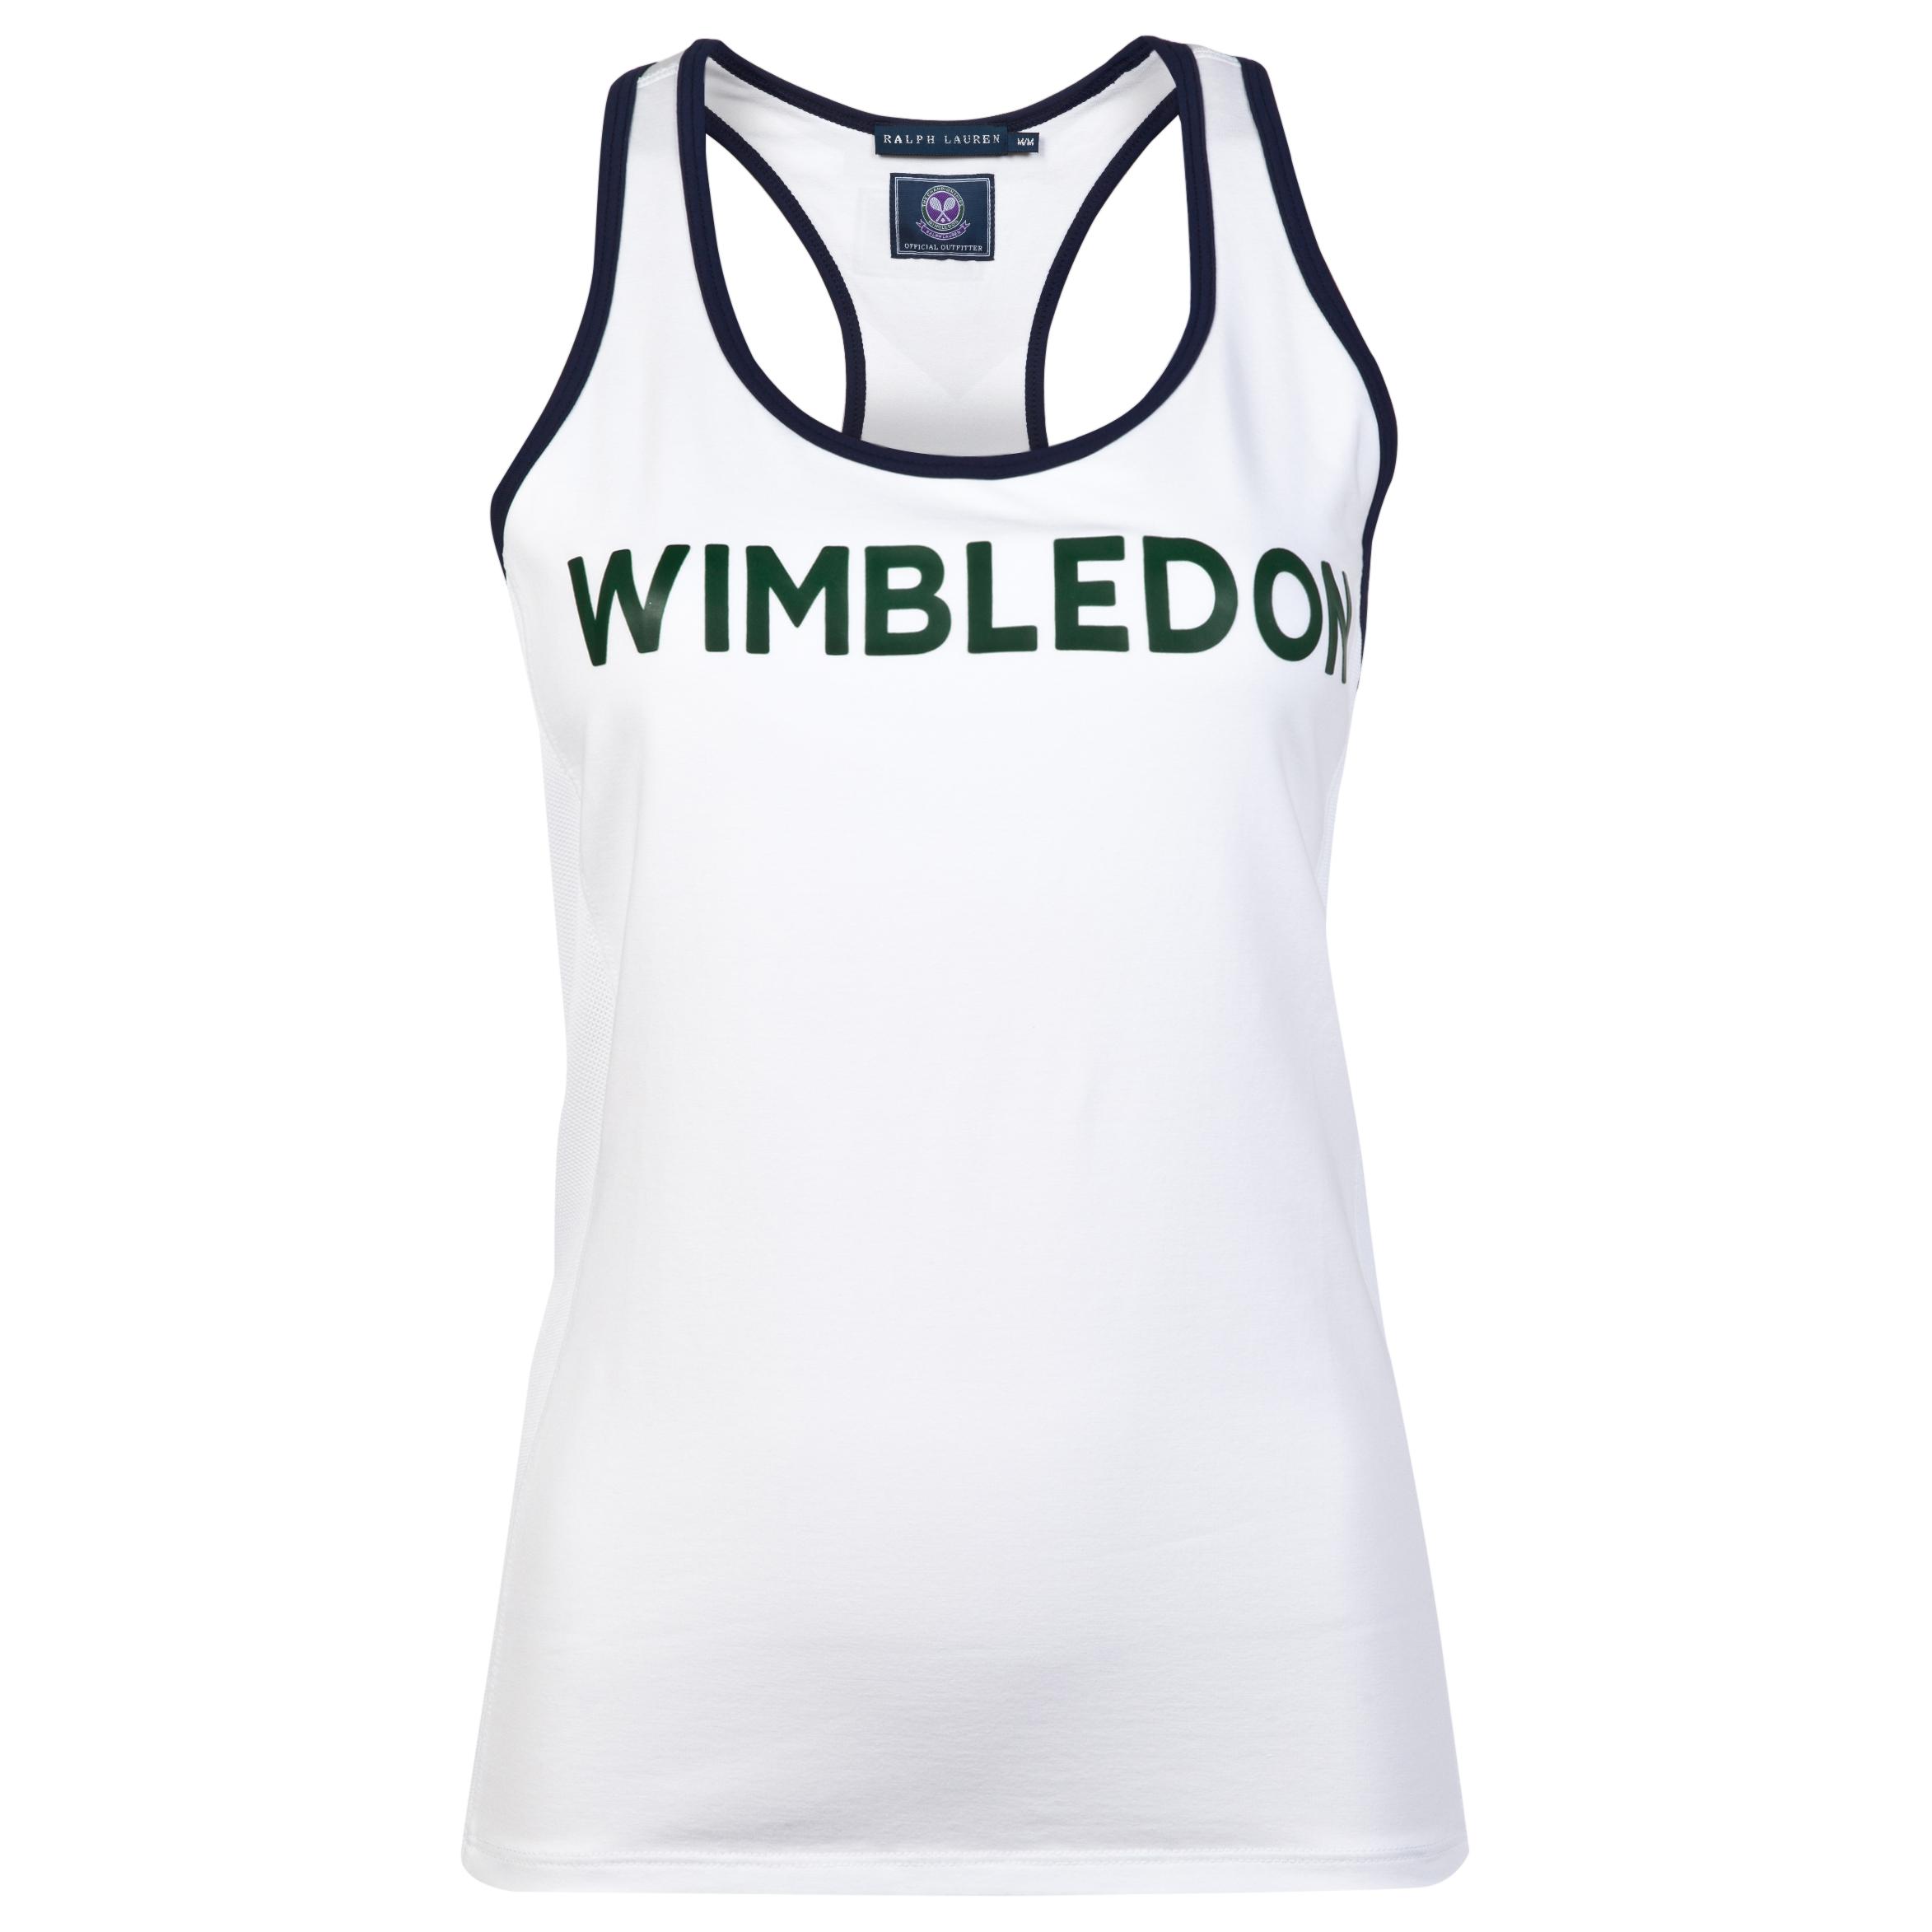 Wimbledon Ralph Lauren Wimbledon Jodie Tank - Womens White